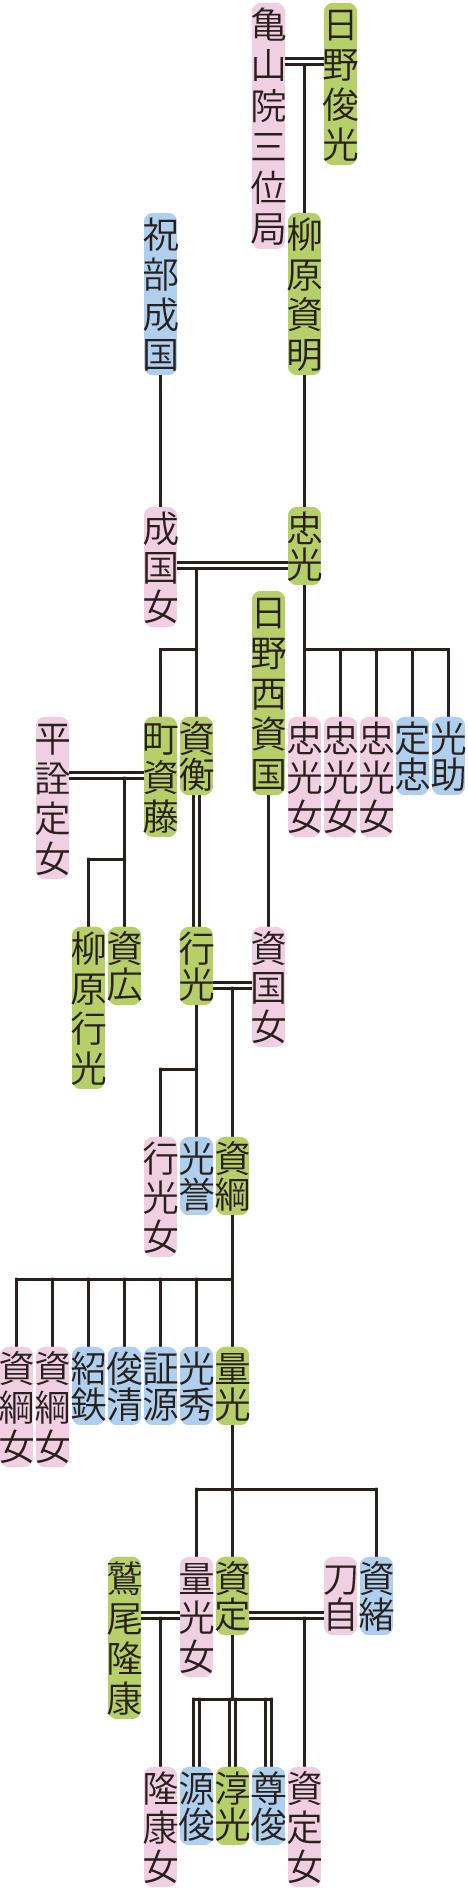 柳原忠光~量光の系図